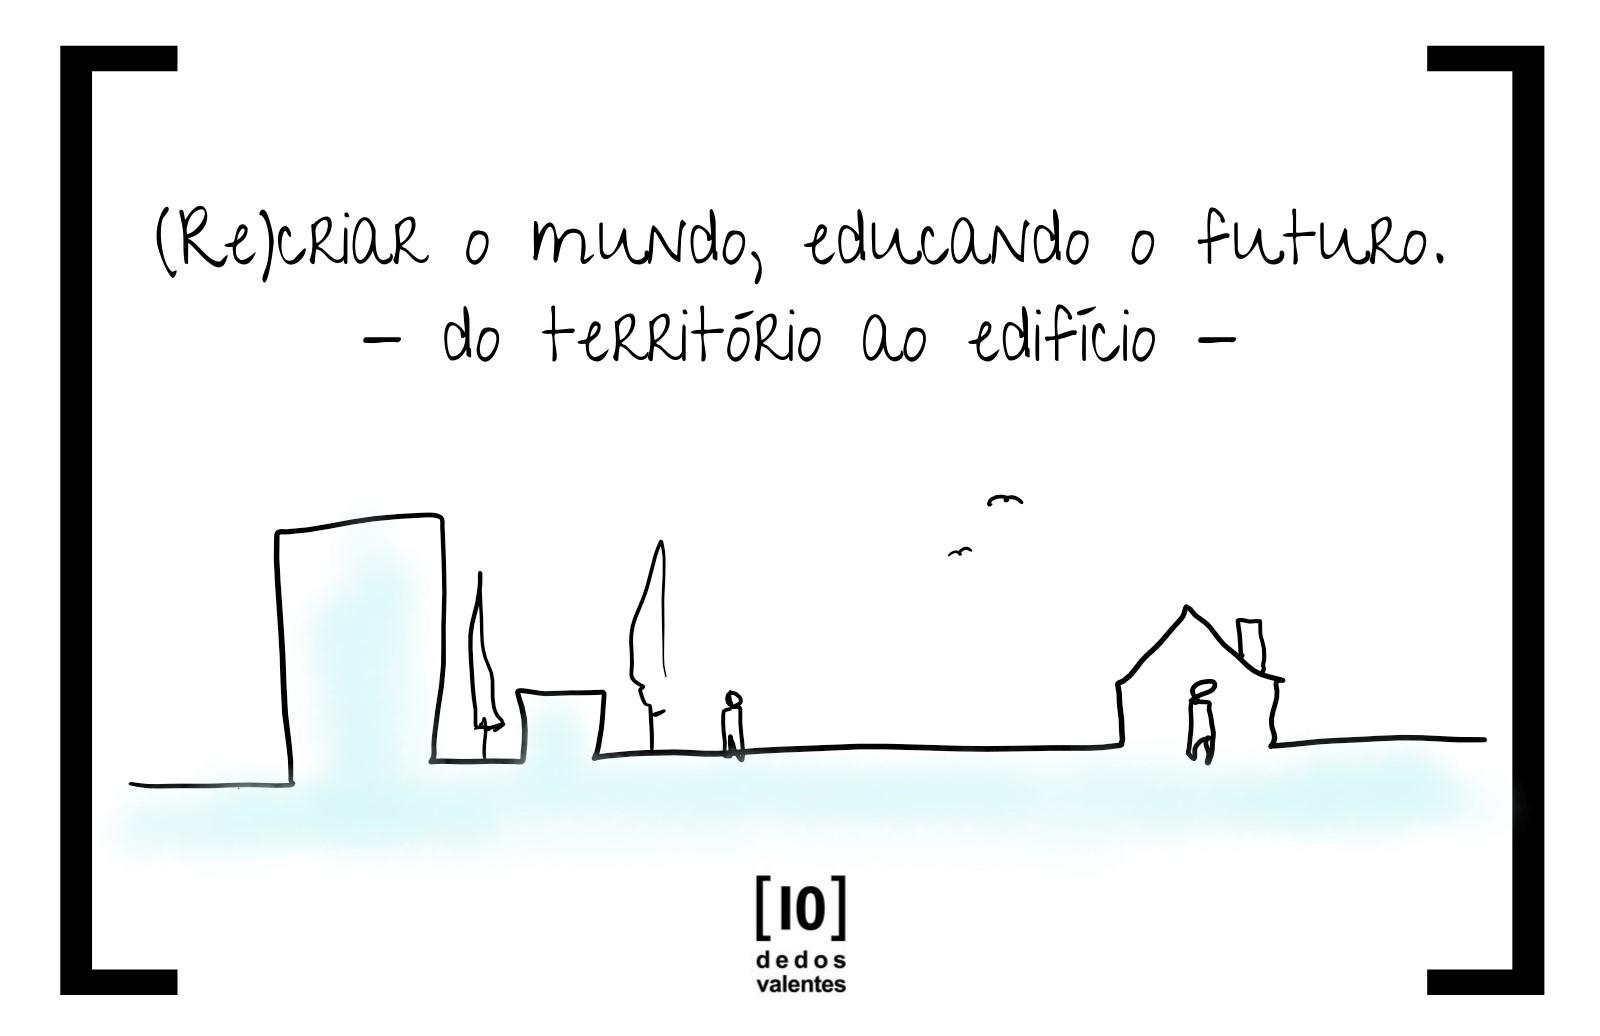 projetos_de_arquitetura_10_dedos_valentes